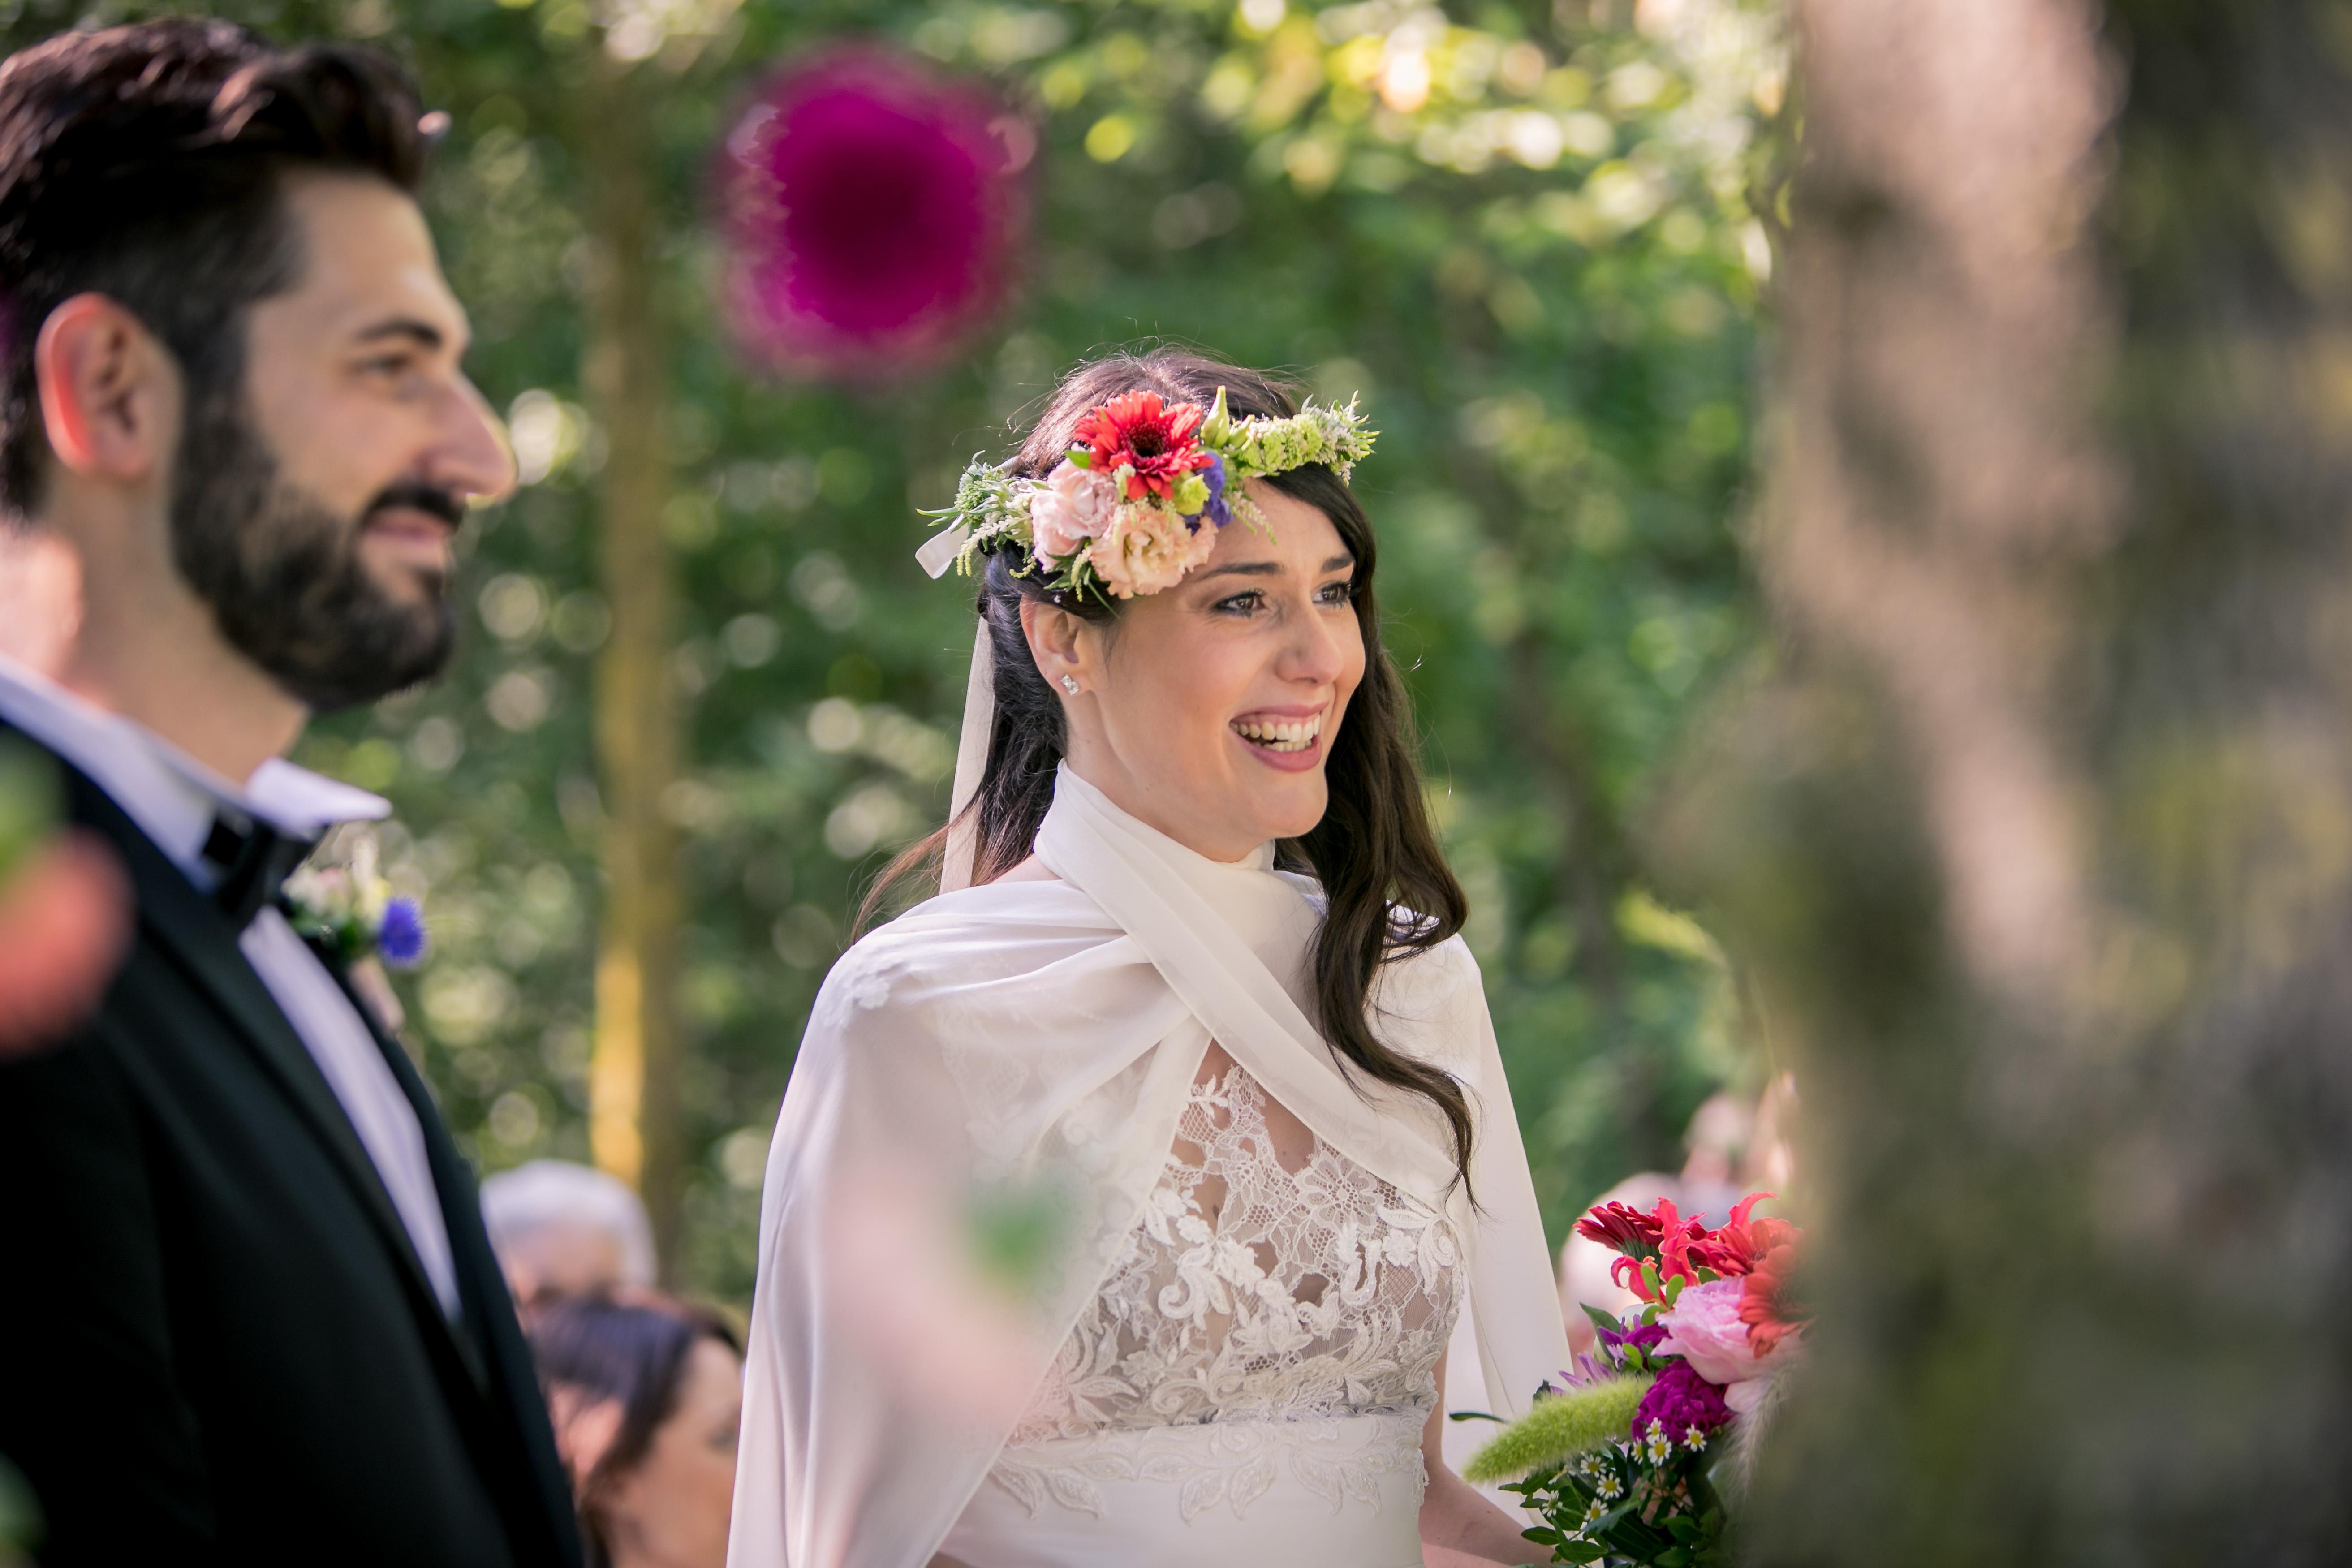 0011_gilberti_ricca_convento_annunciata_fotografi_matrimonio